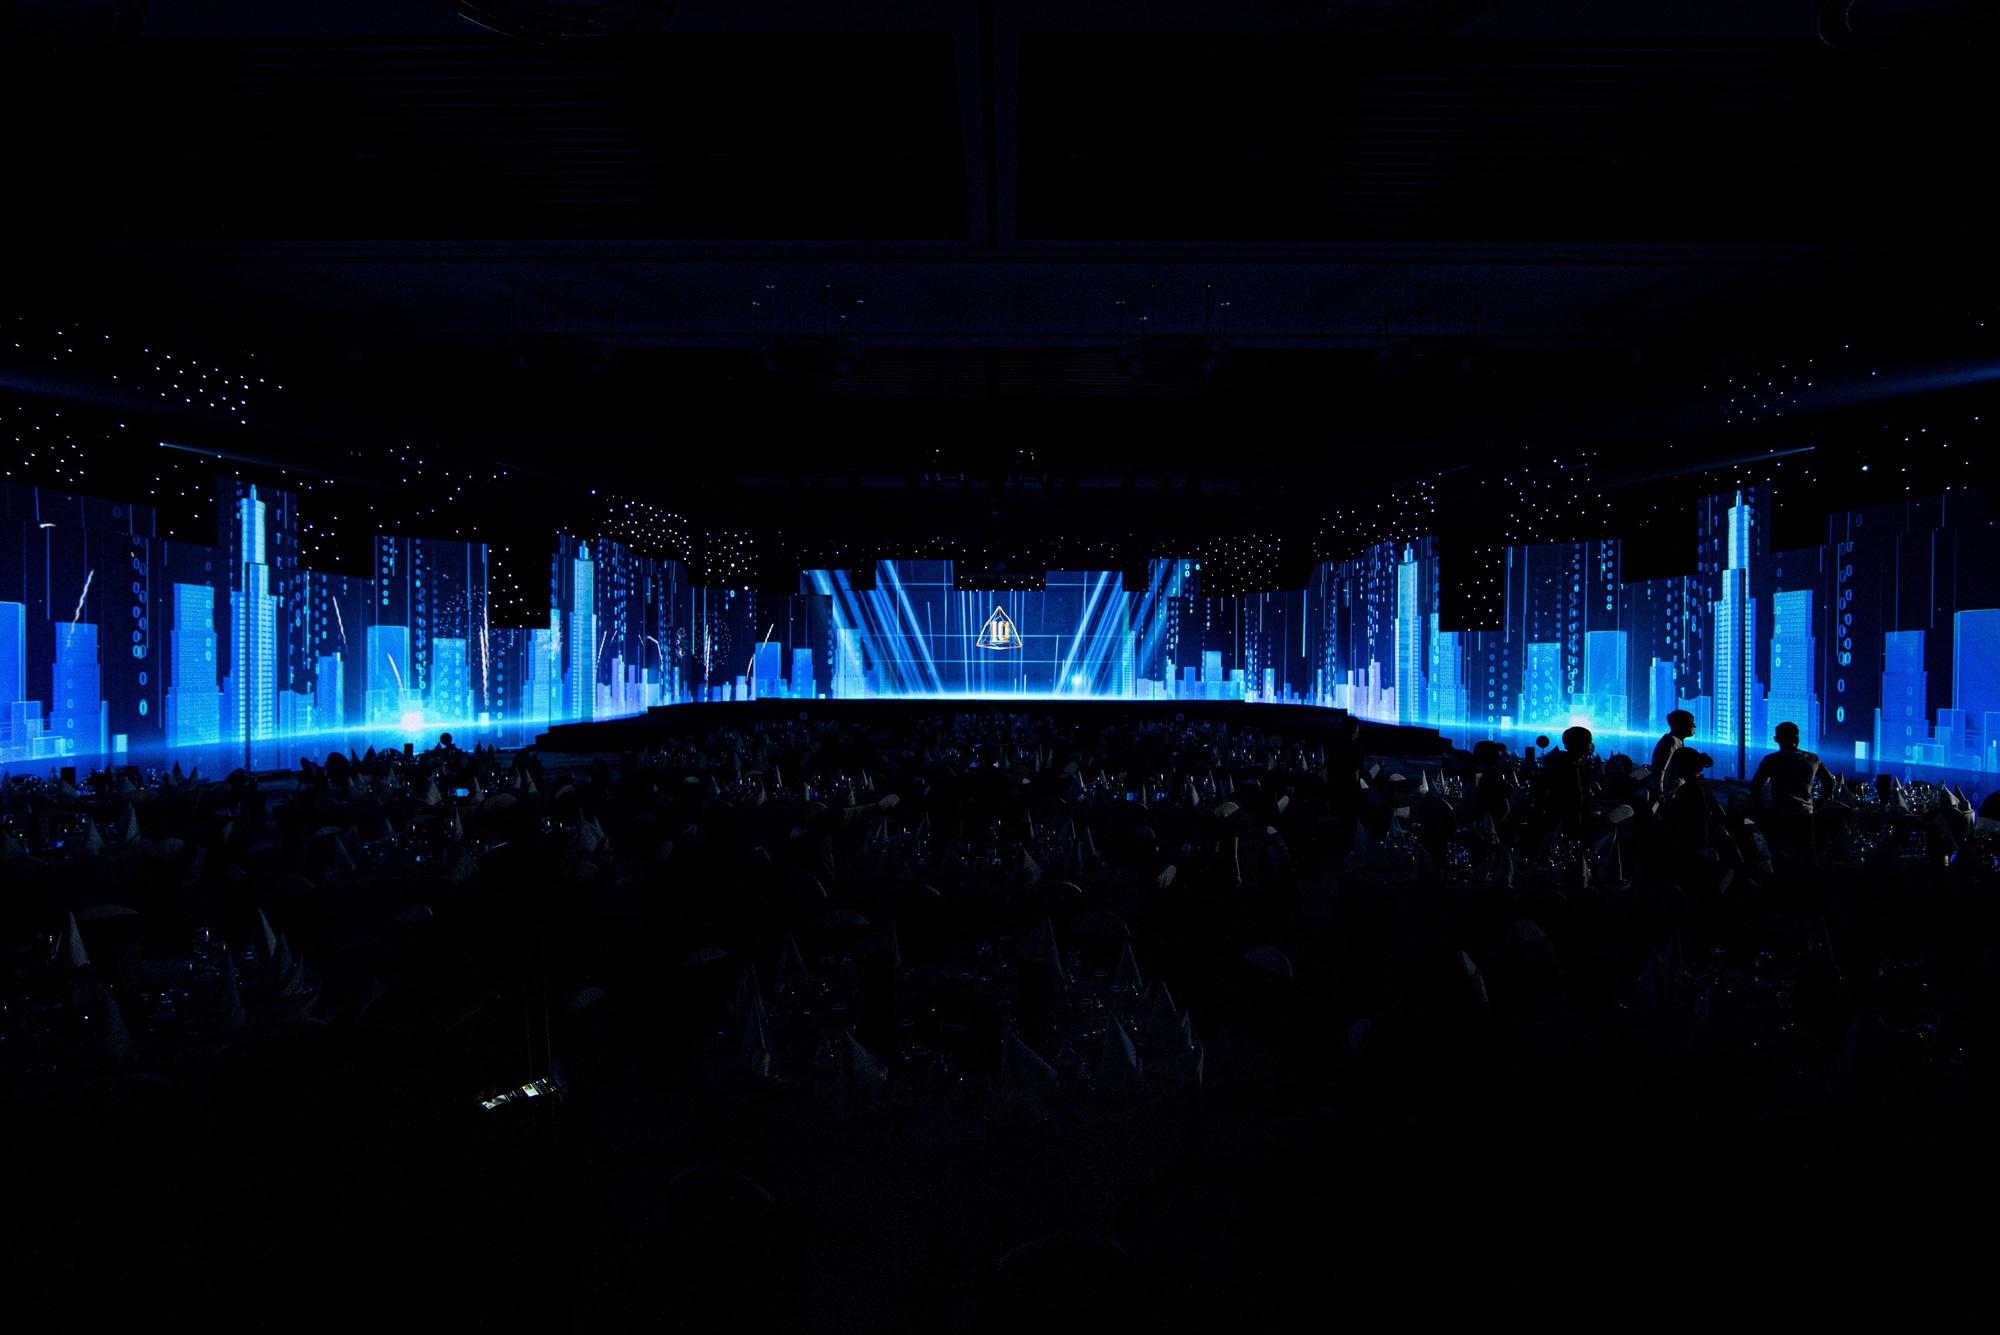 Nghệ thuật và công nghệ ánh sáng tái hiện Sắc màu Thập kỷ, kỷ niệm 10 năm thành lập Đất Xanh Miền Trung - Ảnh 3.